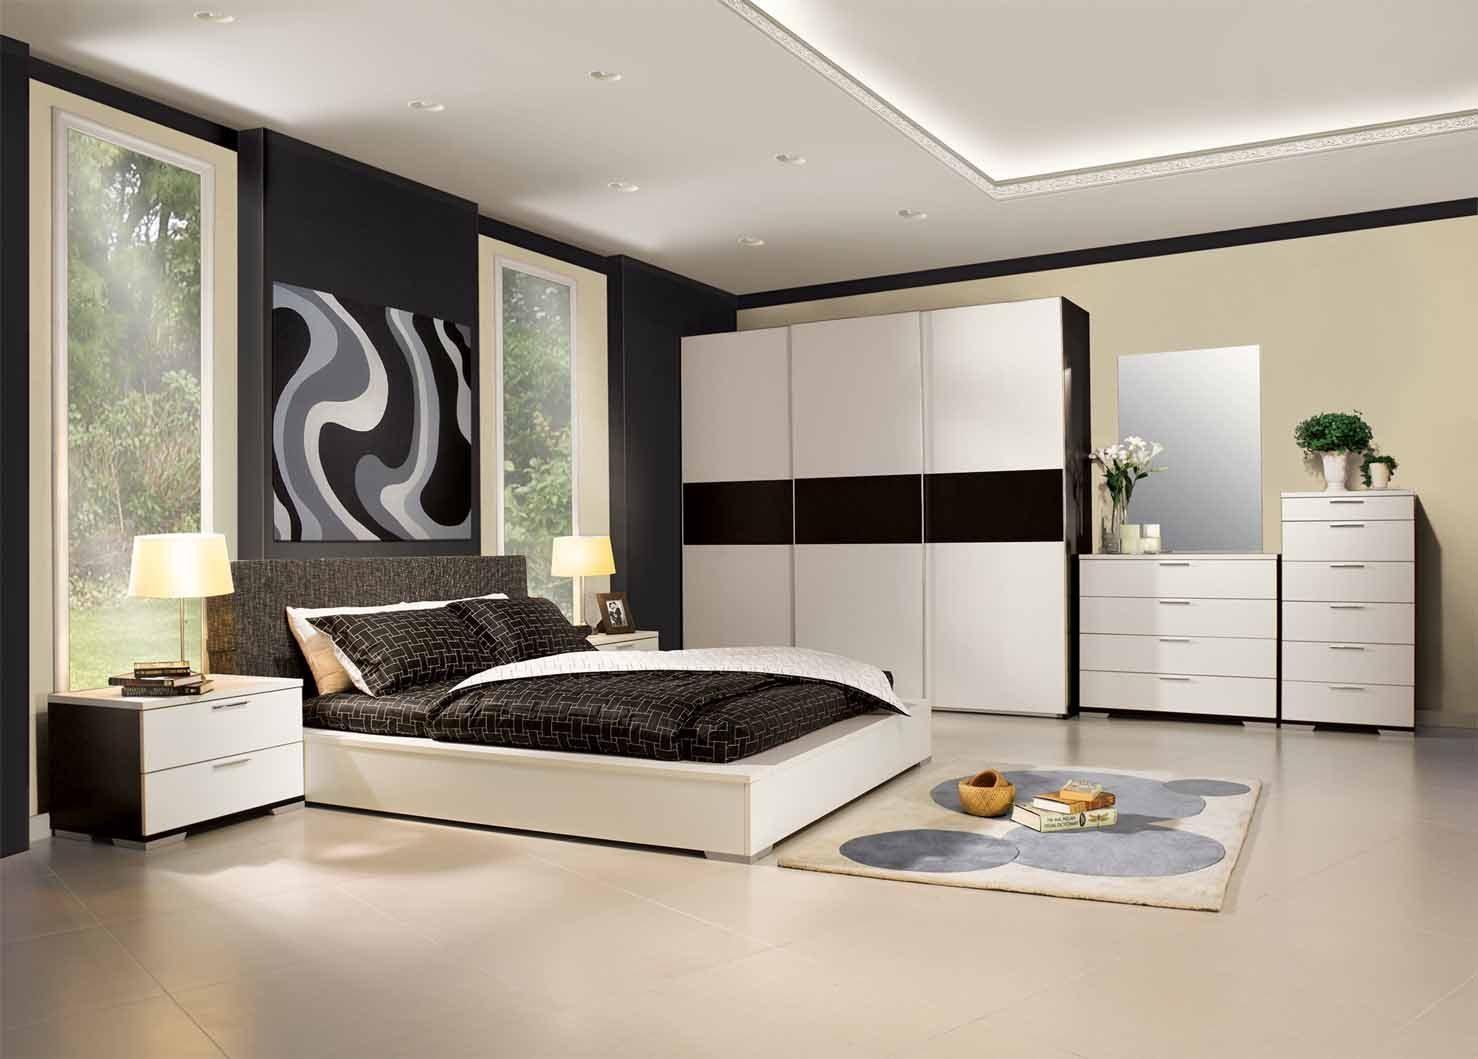 Muebles modernos para habitaciones im genes y fotos - Imagenes de dormitorios modernos ...